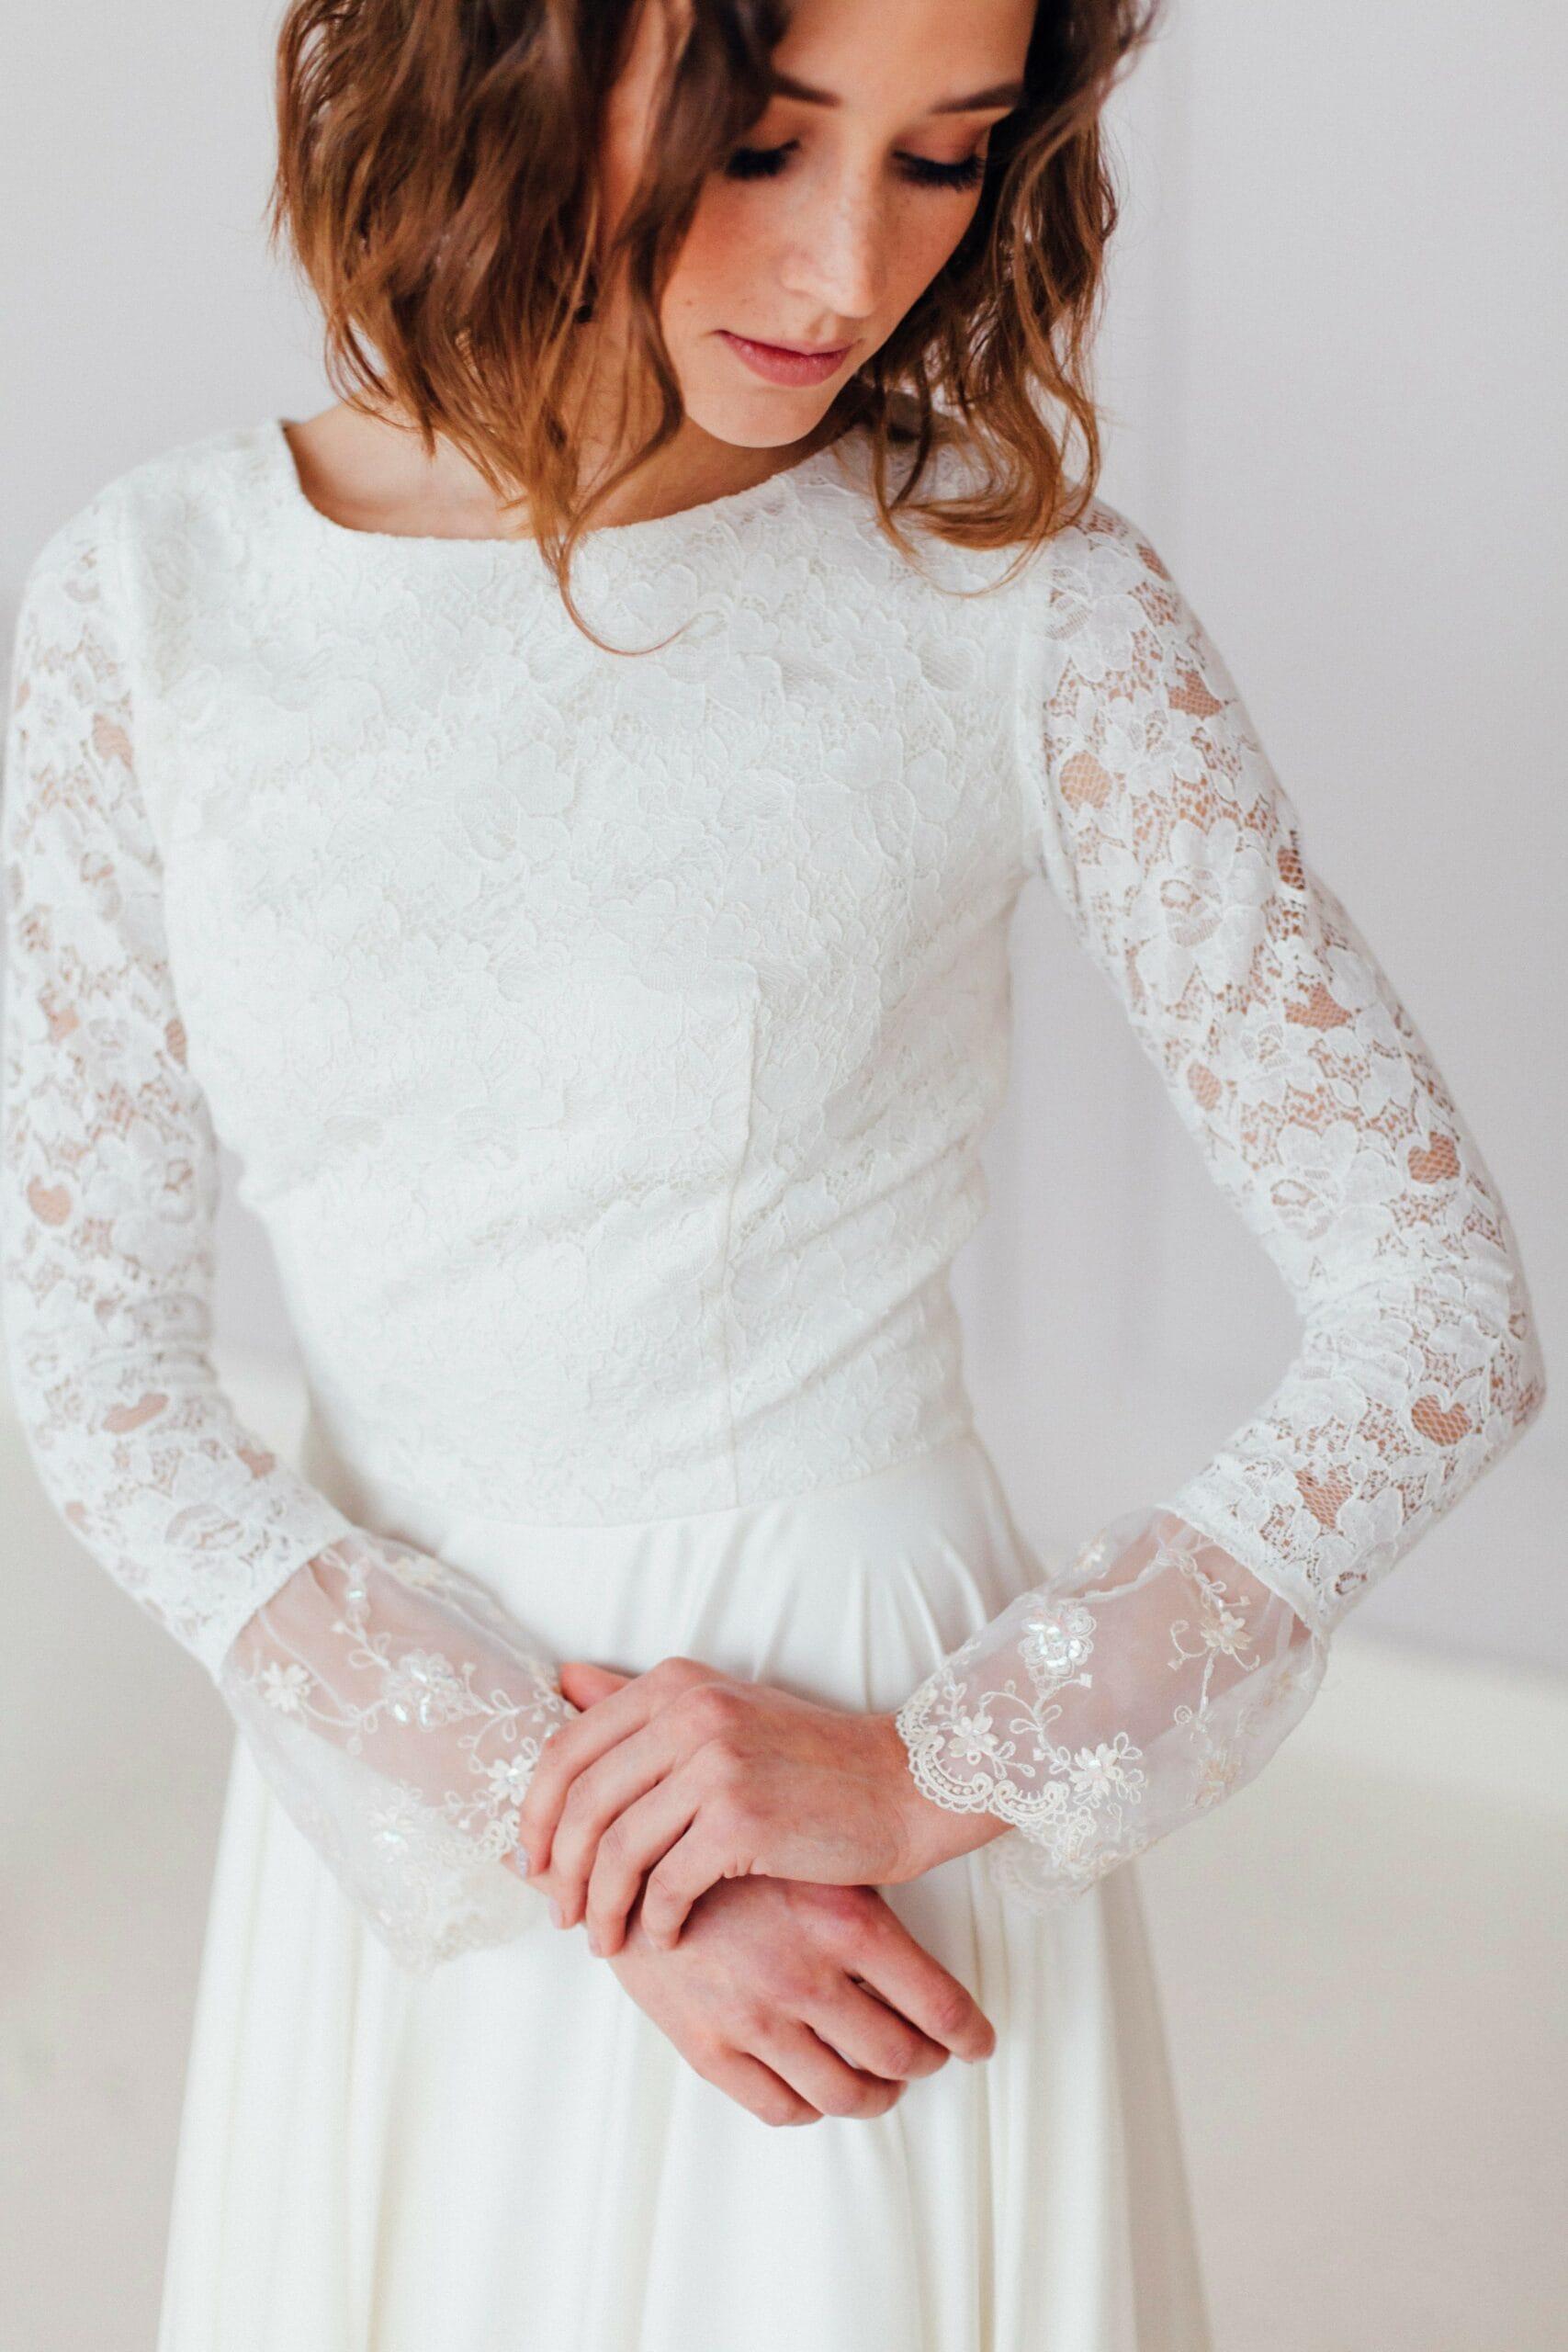 Свадебное платье ZHINA, коллекция REFINED ELEGANCE, бренд OKA NOMO, фото 3